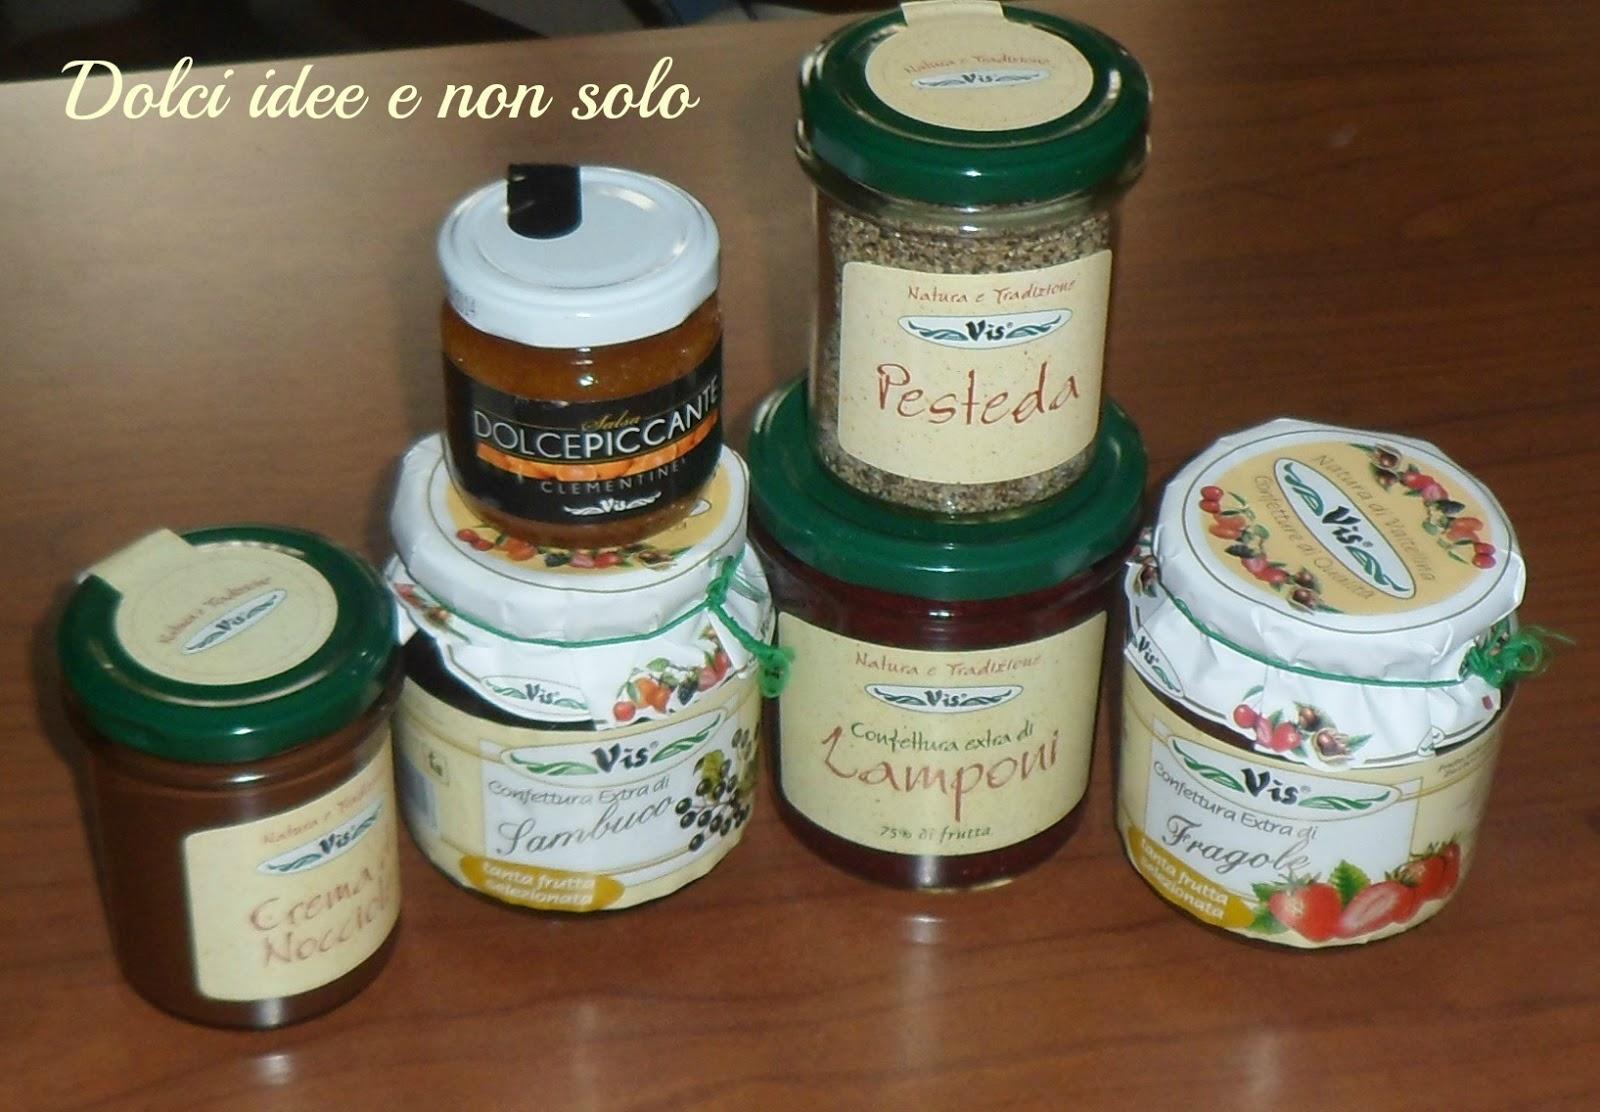 Dolci idee e non solo marzo 2013 for Voltan tortellini